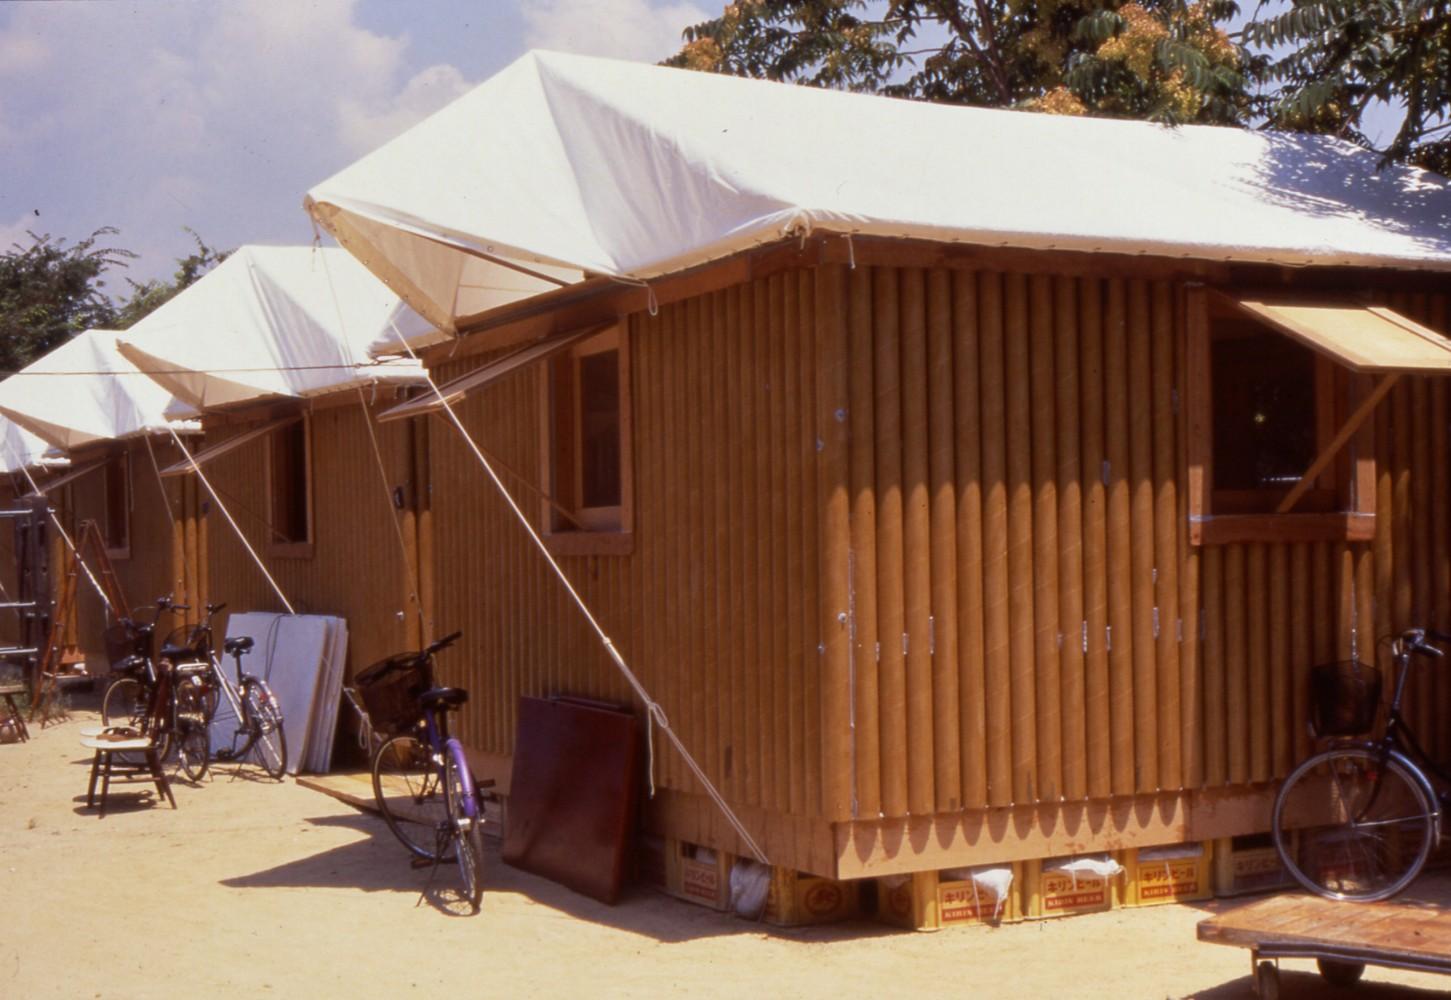 Знаковыми в волонтерской архитектурной деятельности Сигэру Бана стали дома, которые он строил в японском городе Кобе, где в 1995 году произошло мощное землетрясение. Японец сконструировал для пострадавших однокомнатные жилища из картонных трубок вместо стен, тентов вместо крыши и пивных ящиков с песком вместо фундамента. Площадь такого домика составляла 52 кв. м, а стоимость каждого из них не превышала $2 тыс. Когда в домах отпала необходимость, их получилось быстро разобрать и полностью переработать